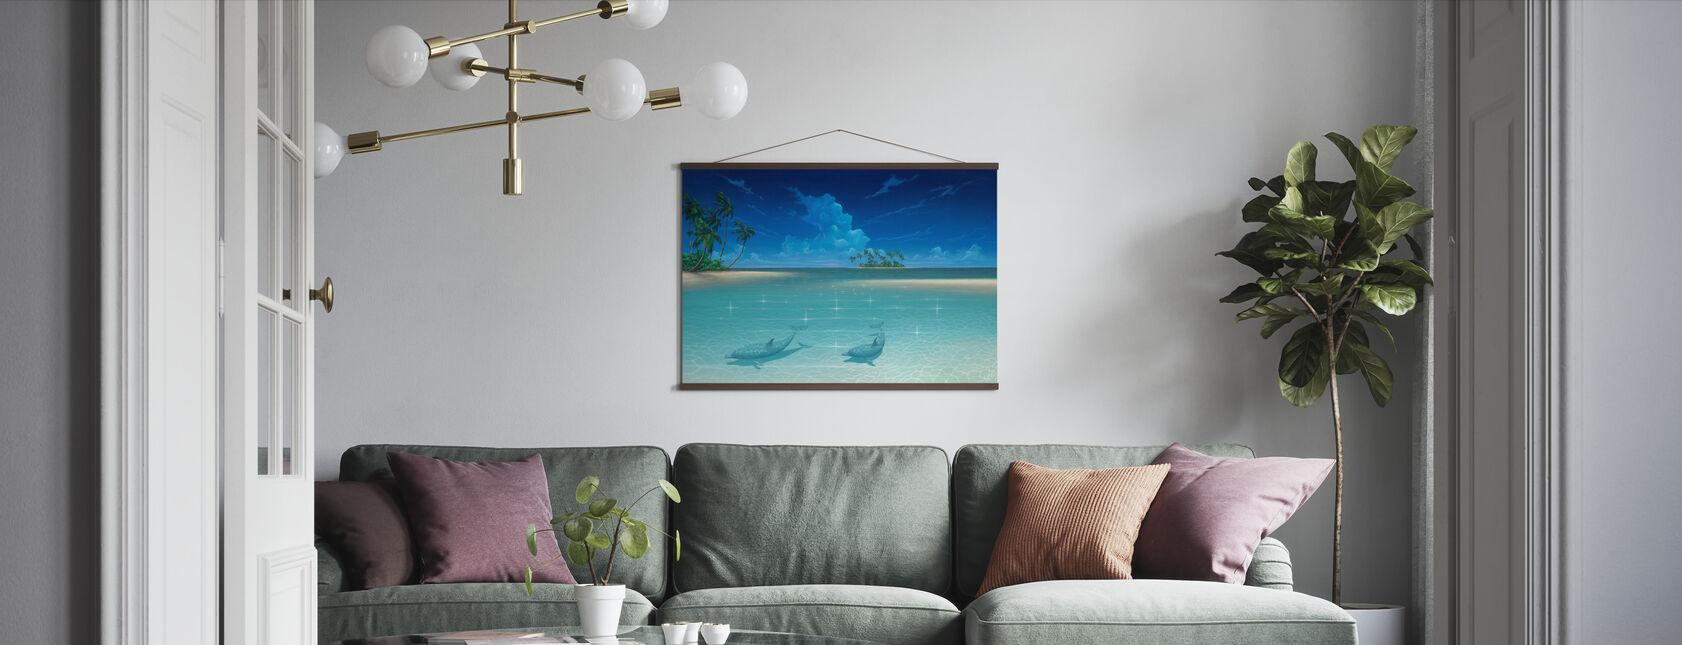 Dolphin Bucht - Poster - Wohnzimmer